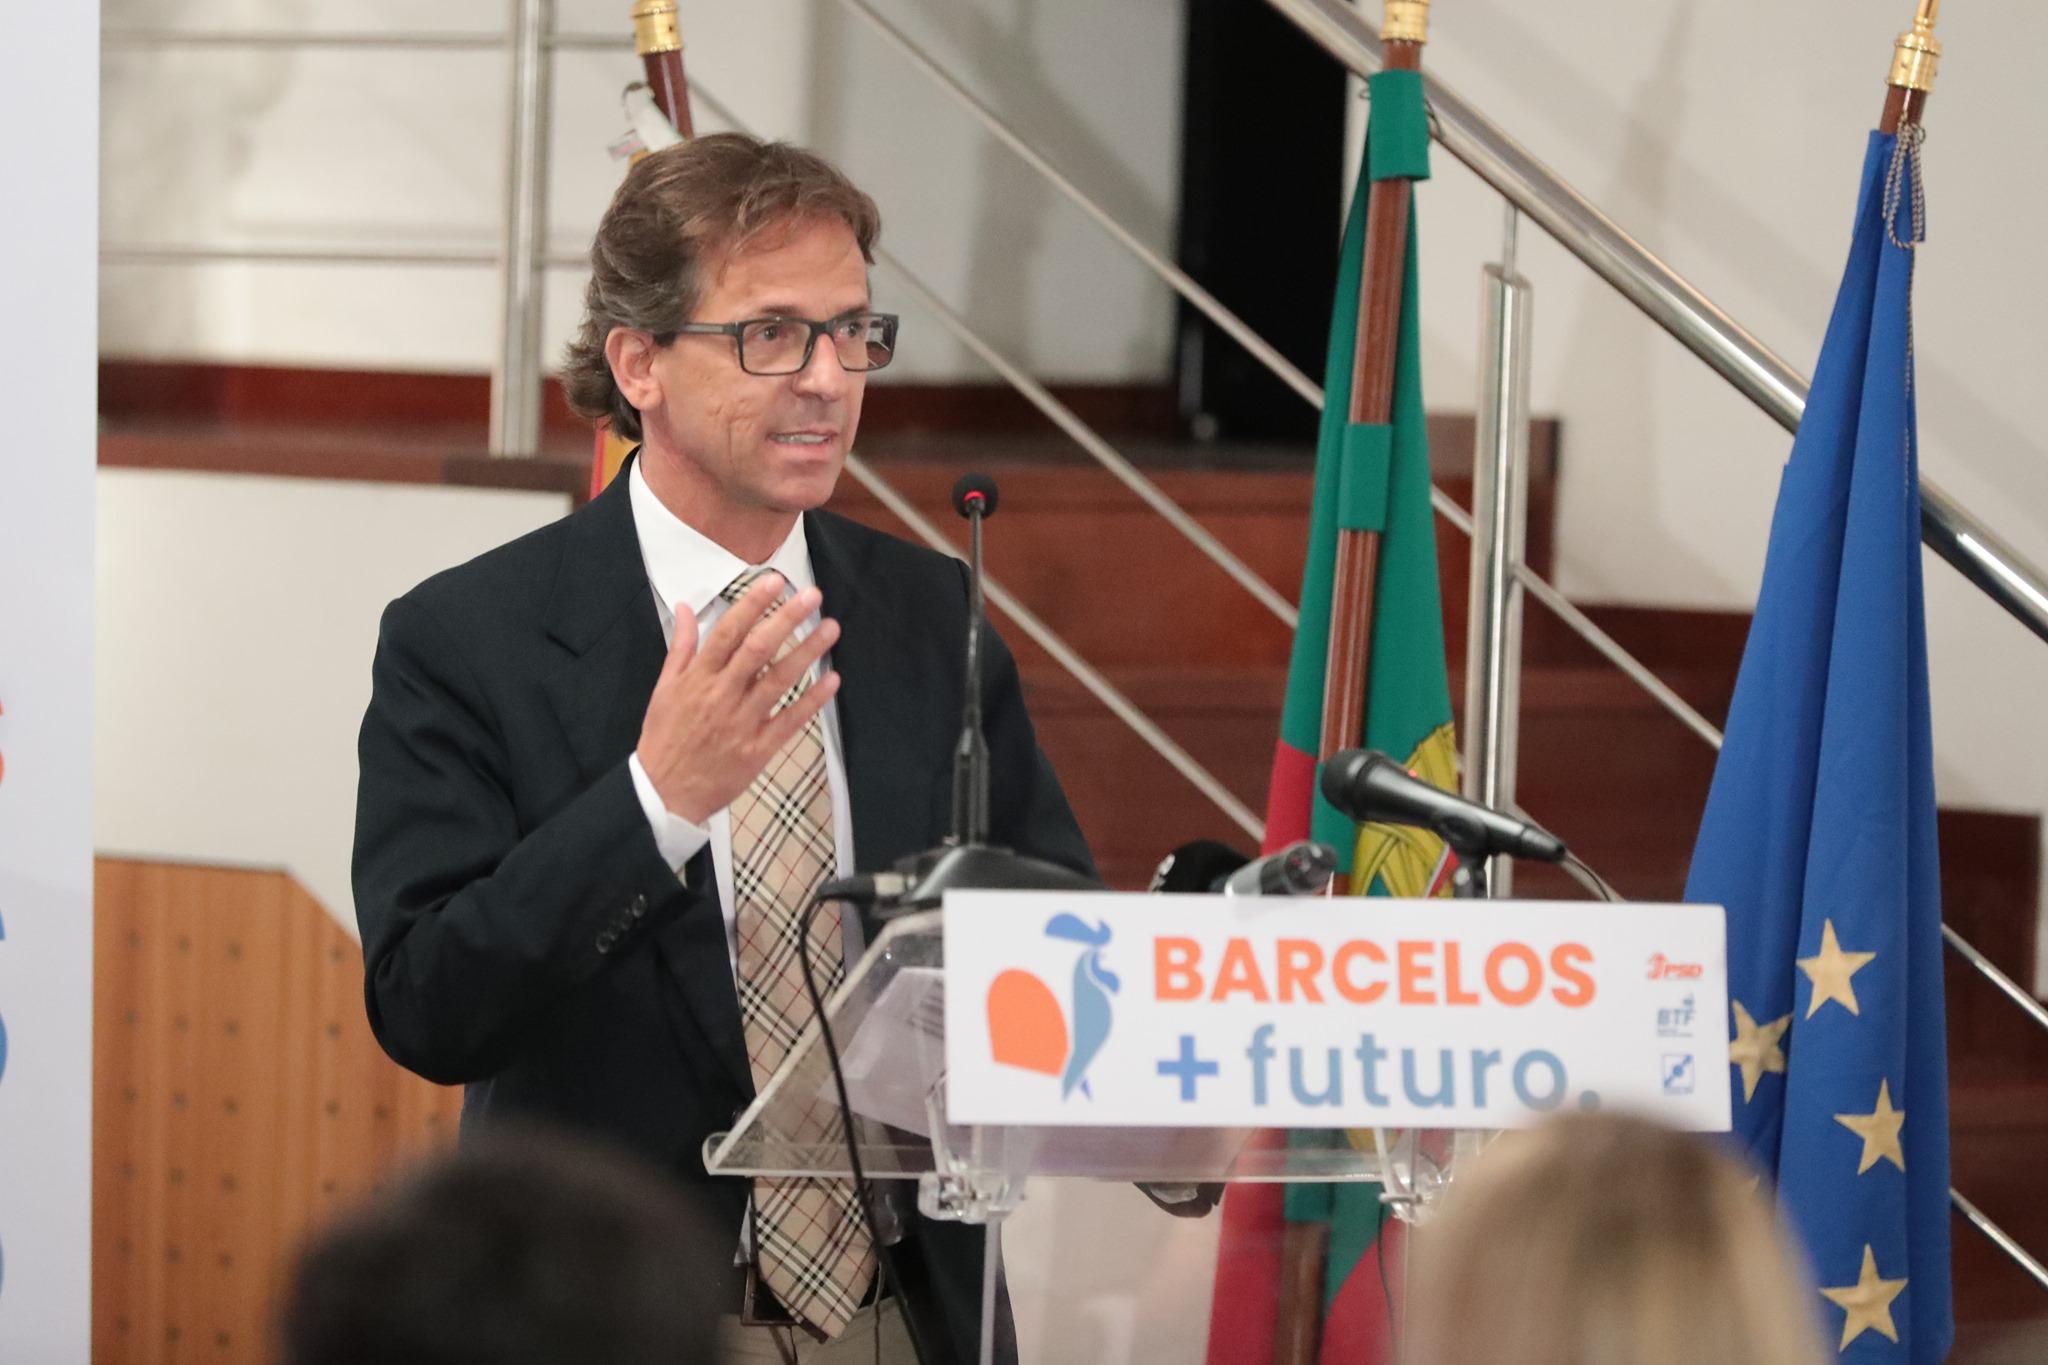 Autárquicas. Coligação Barcelos Mais Futuro apresenta lista candidata à Câmara Municipal